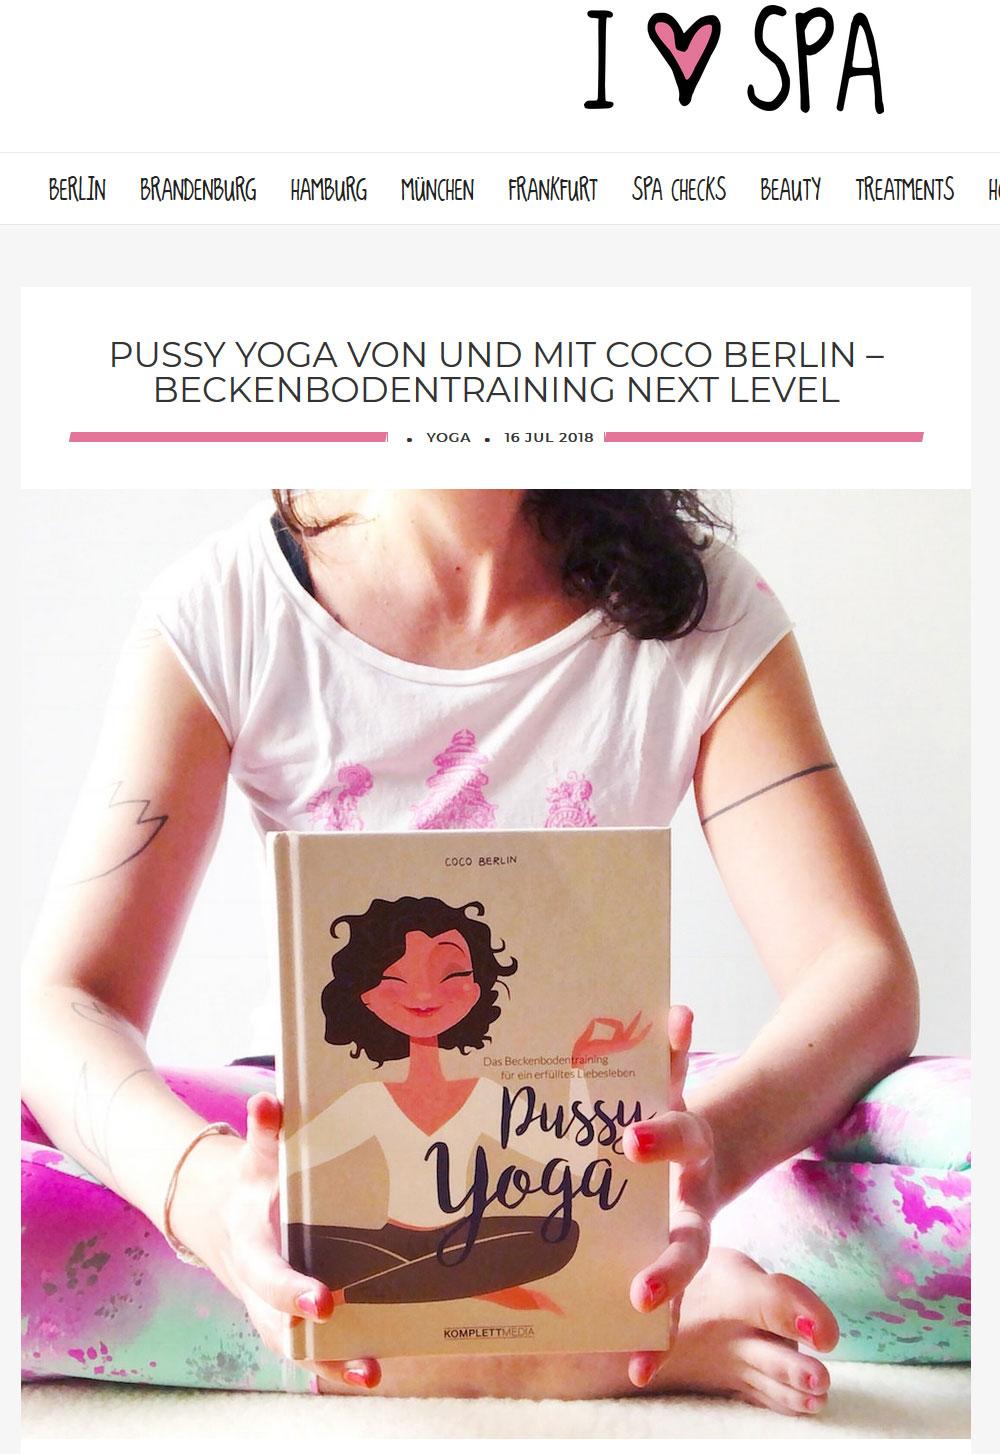 coco-berlin-pussy-yoga-spa-3.jpg